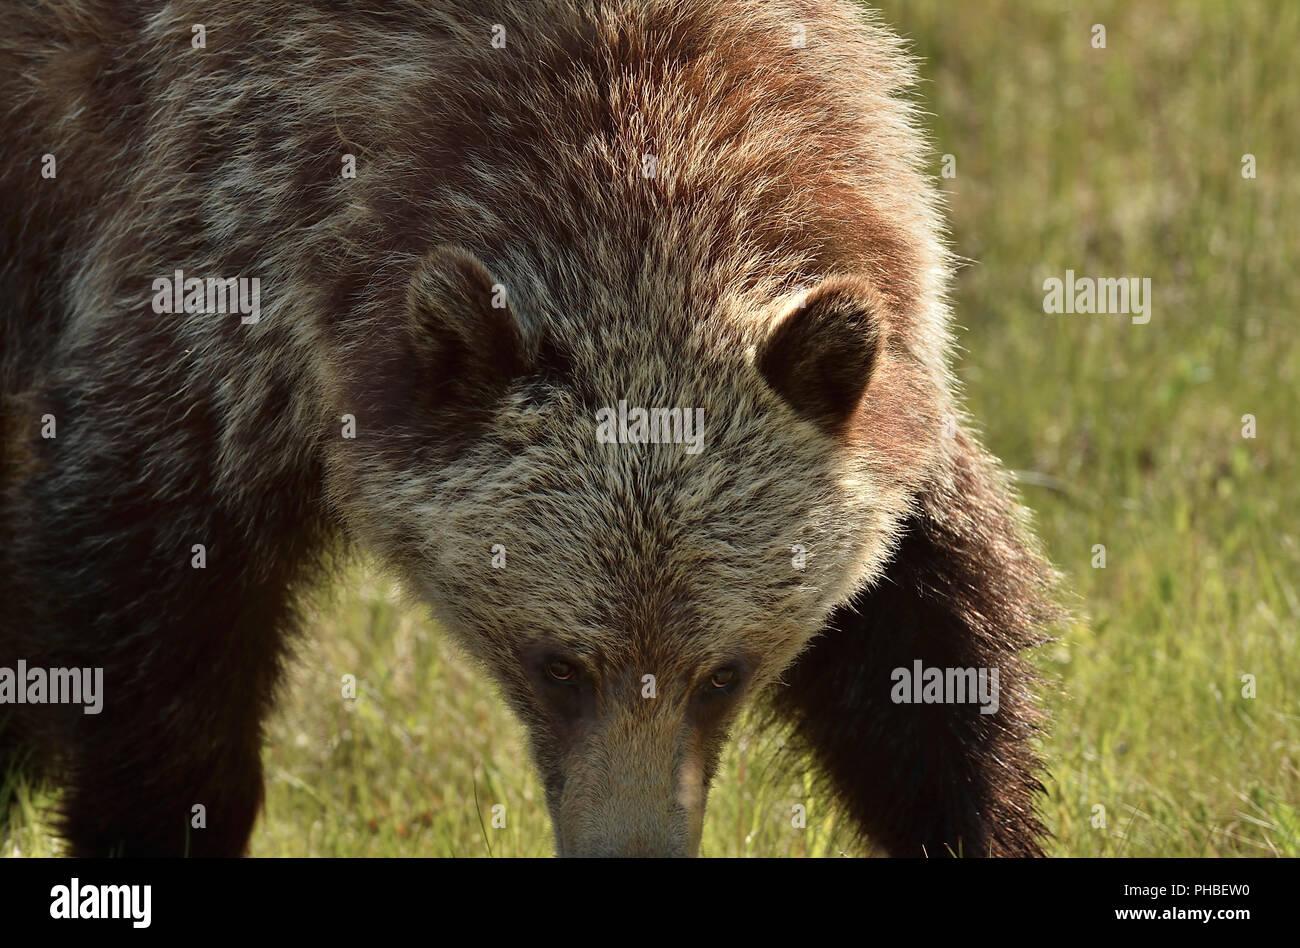 Un close up image d'un grizzli (Ursus arctos), à marcher de l'avant avec la tête vers le bas dans une intimidation Photo Stock